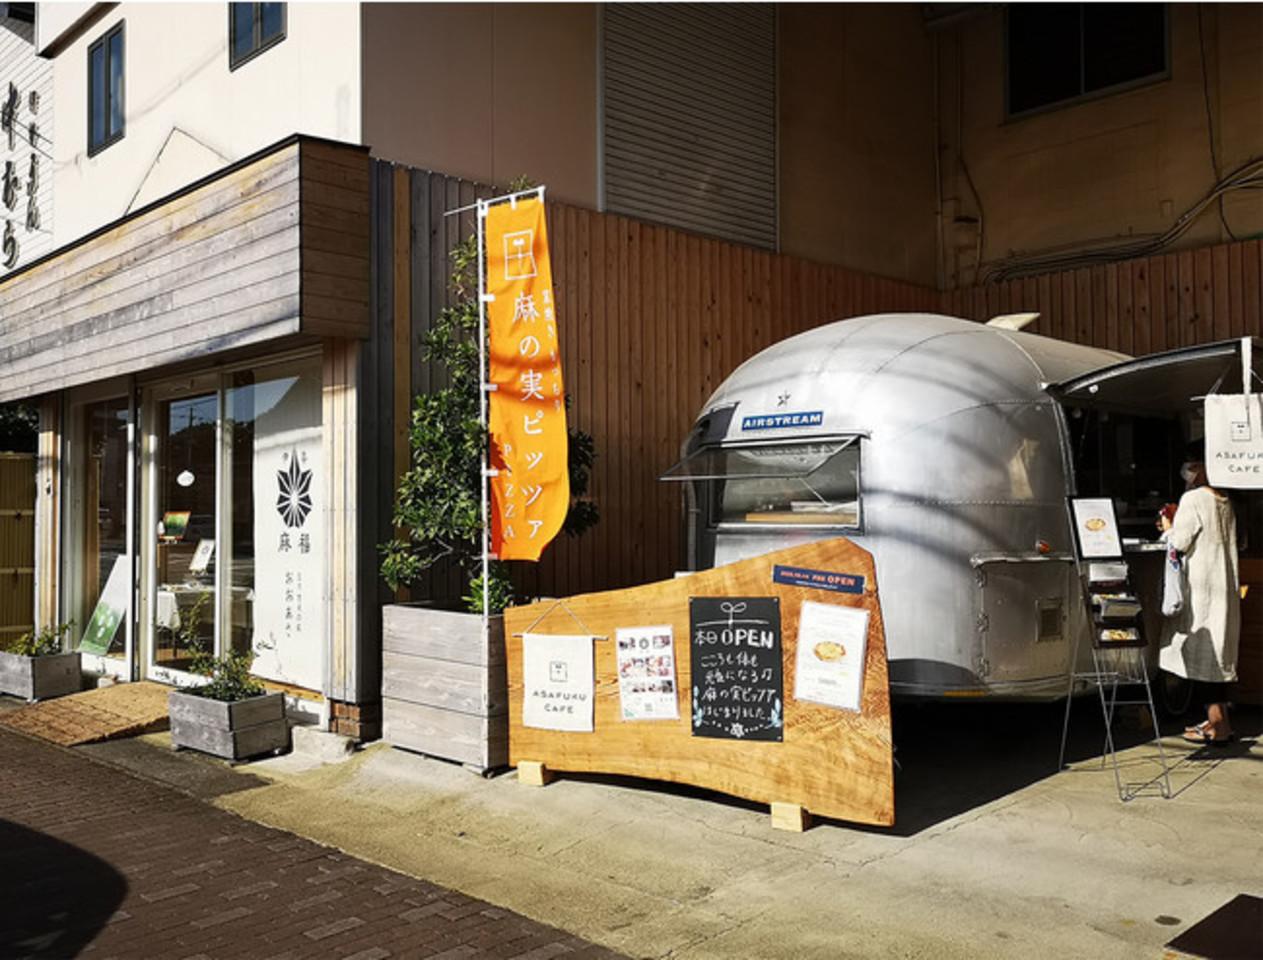 三重県伊勢市本町に麻の実食品を用いたカフェ「アサフク カフェ」11月1日オープン!